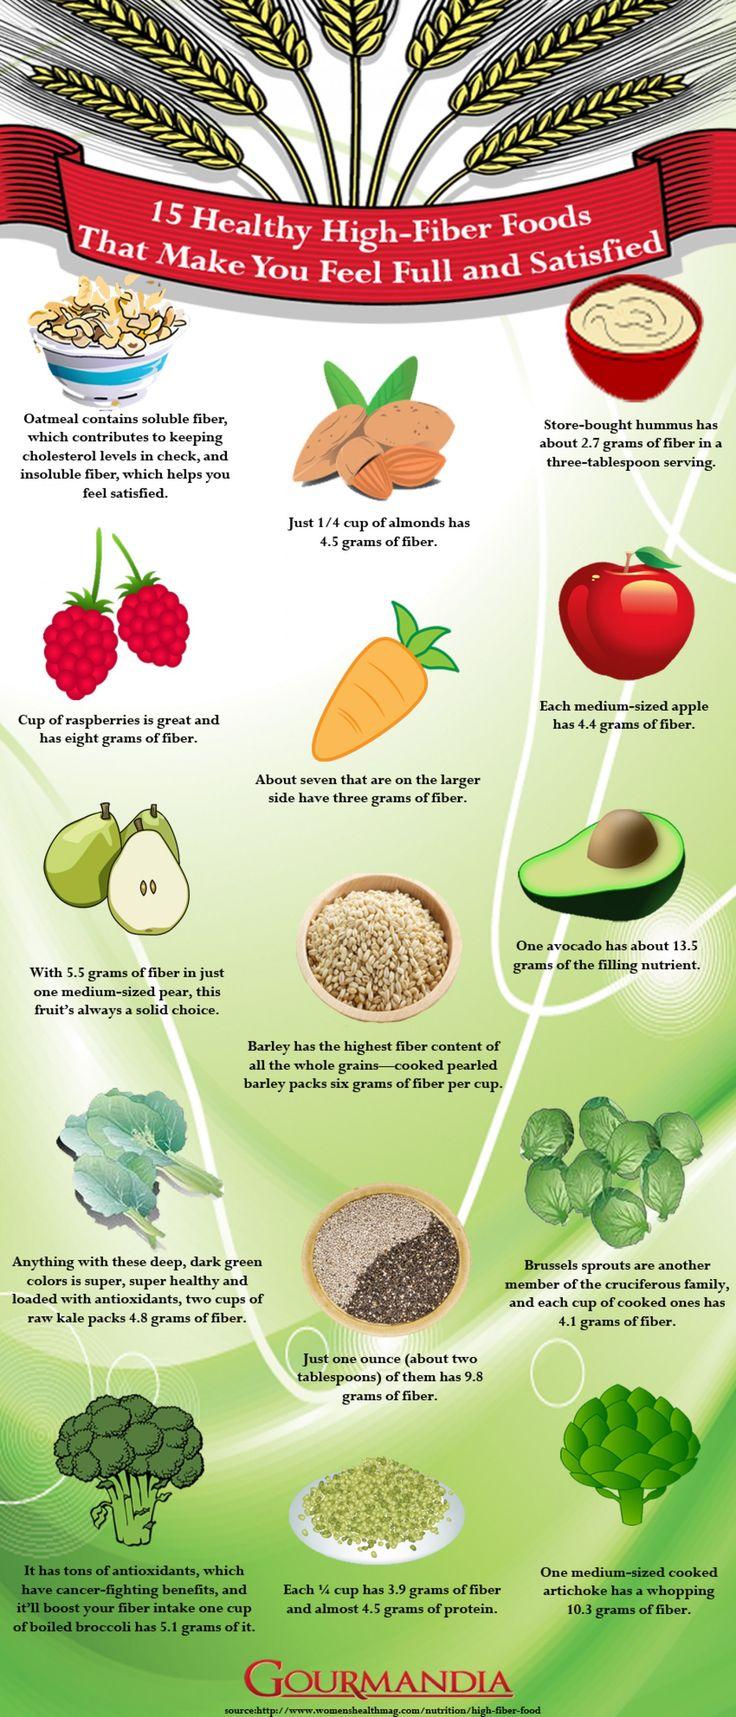 25+ best ideas about High Fiber Foods on Pinterest | Fiber ...